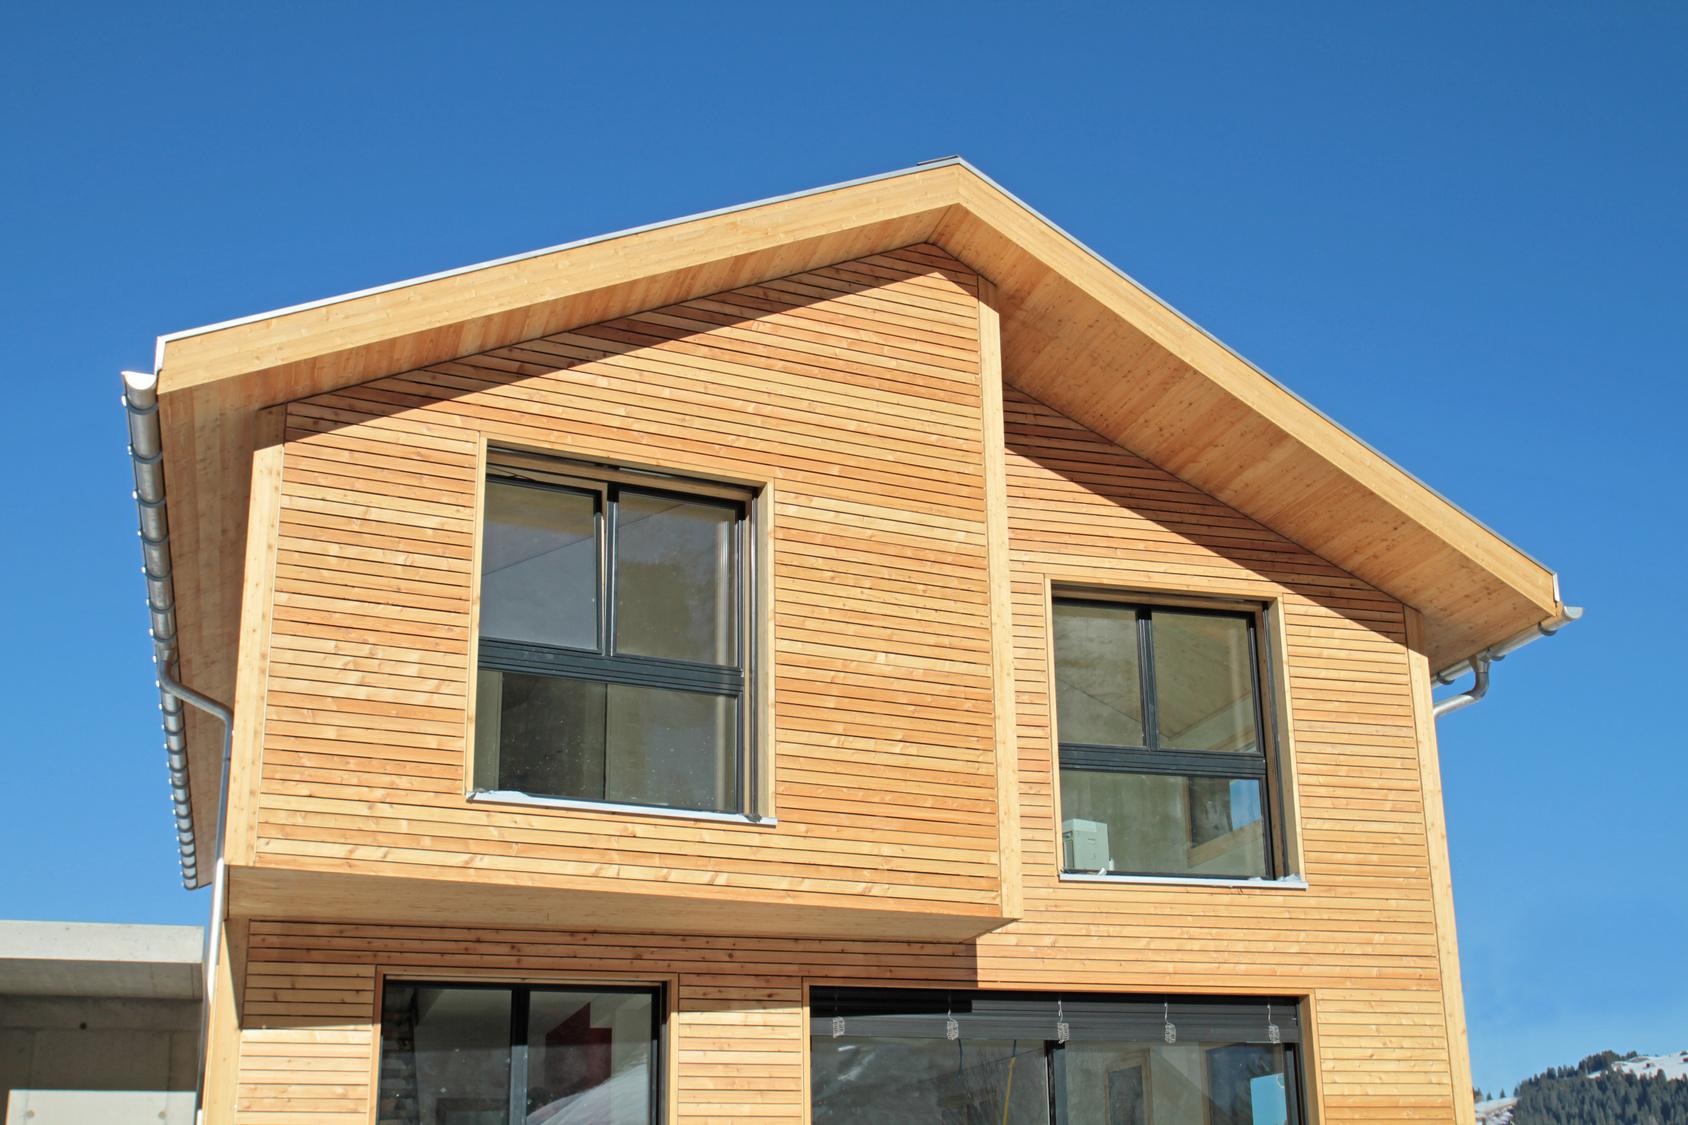 comprar casas de madera con la mejor empresa